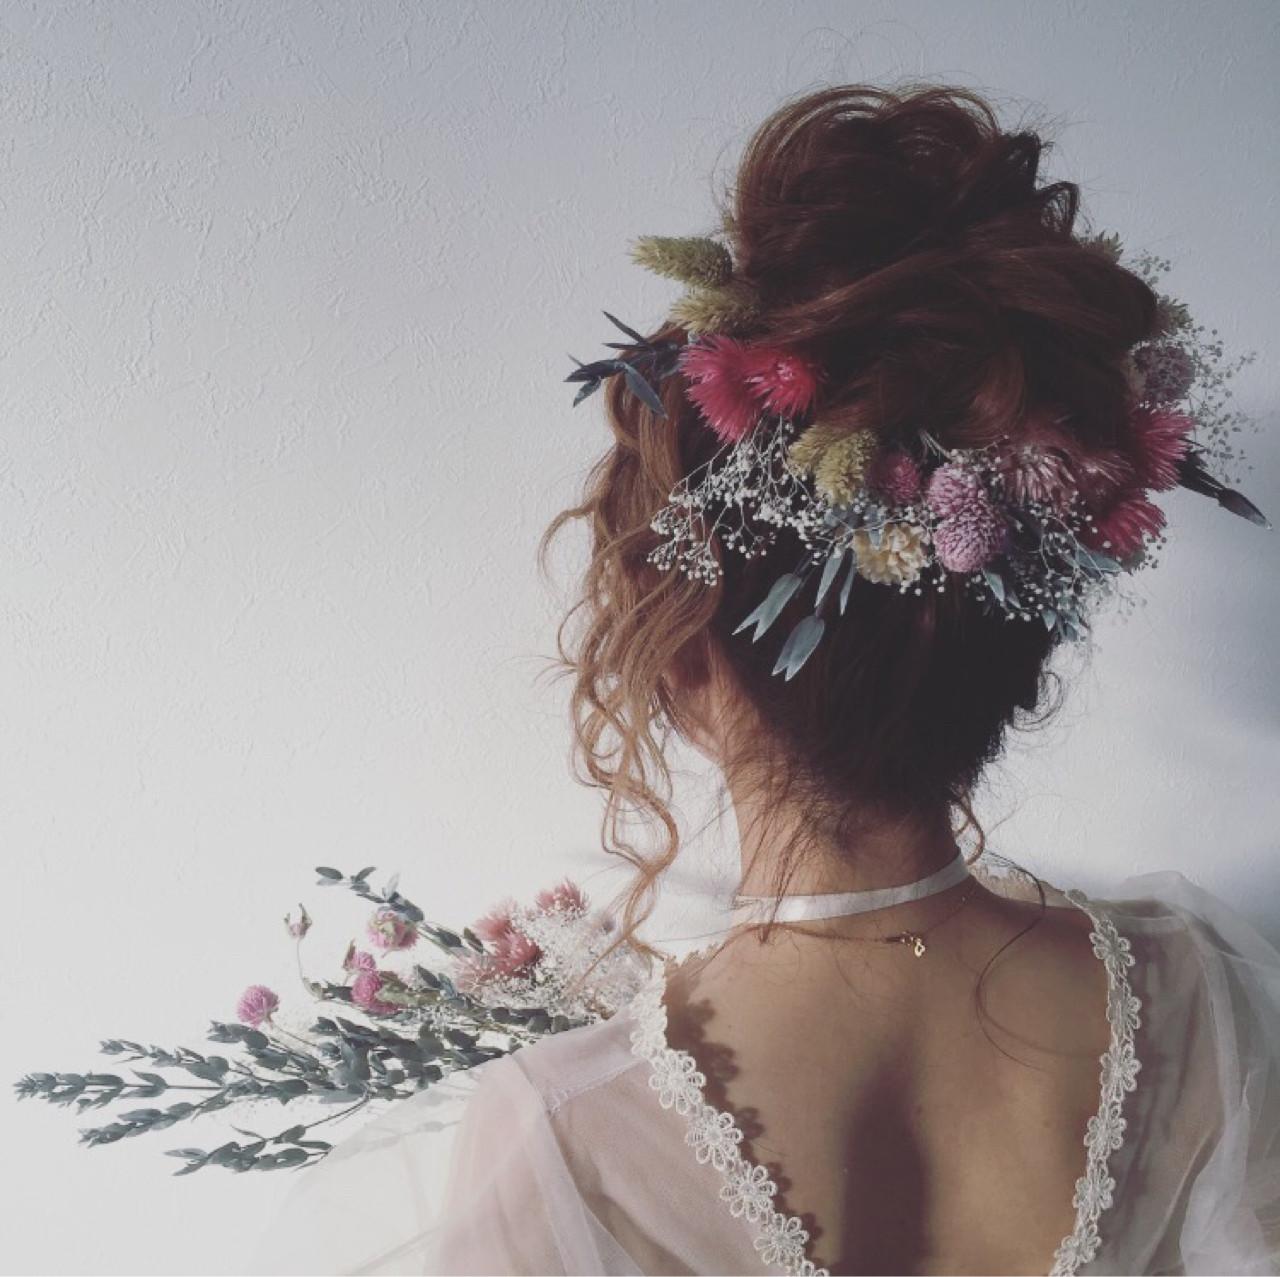 ヘアアレンジ お団子 結婚式 花嫁 ヘアスタイルや髪型の写真・画像 | なっちゃん / G-girl